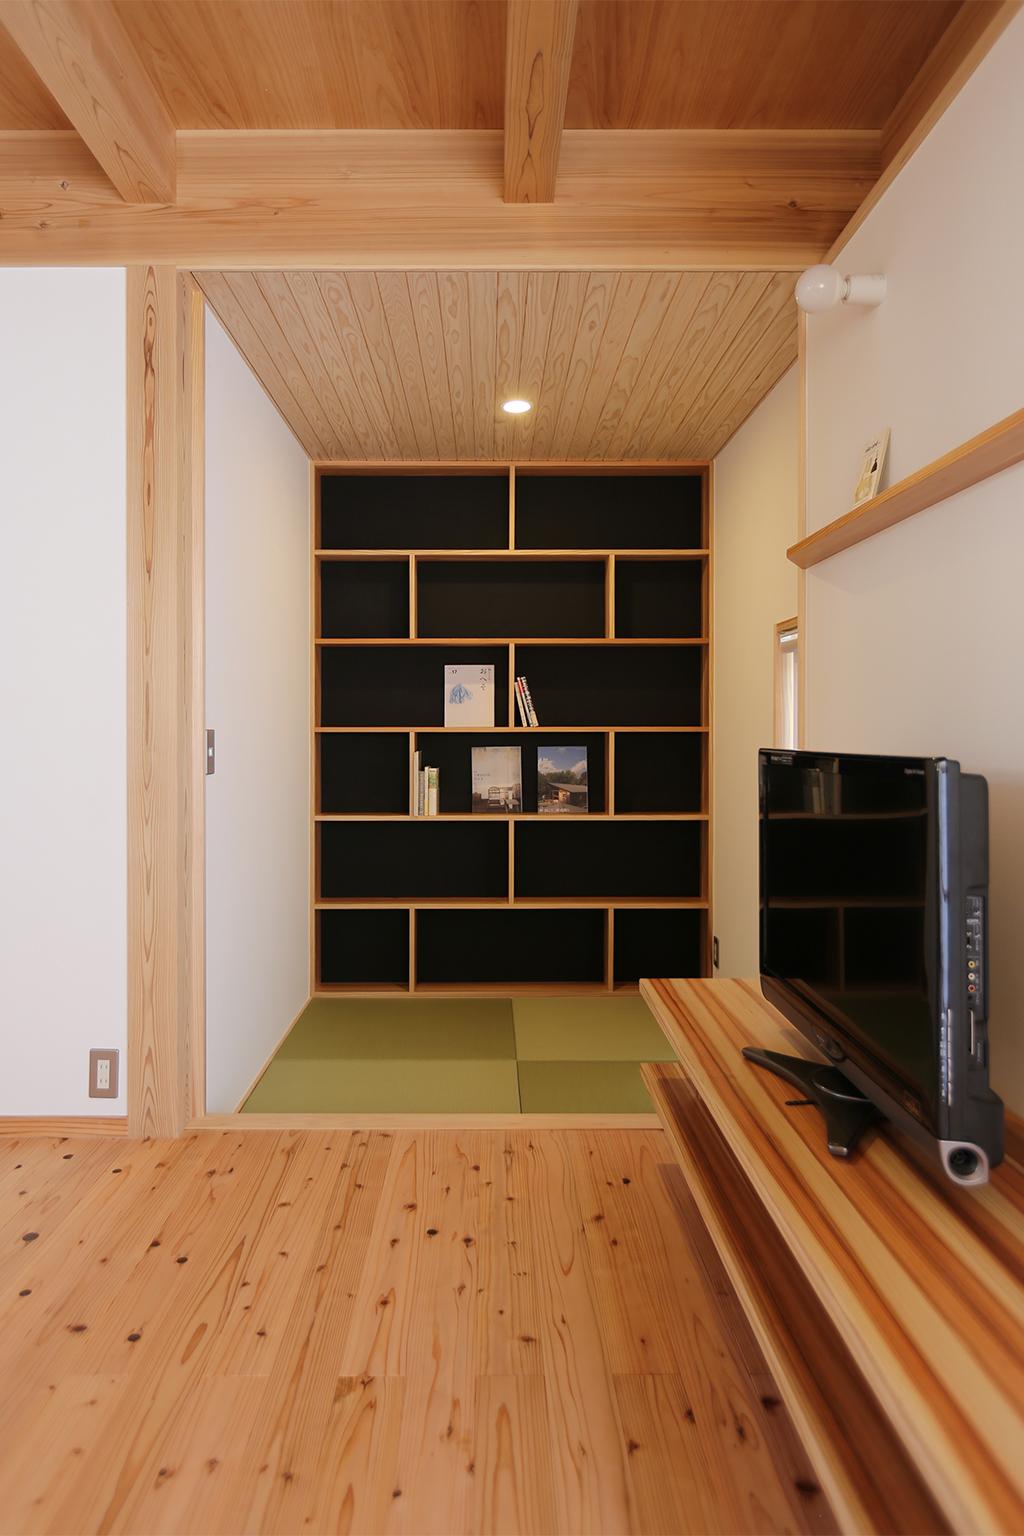 姫路市の木の家 広がりをプラスする畳の間